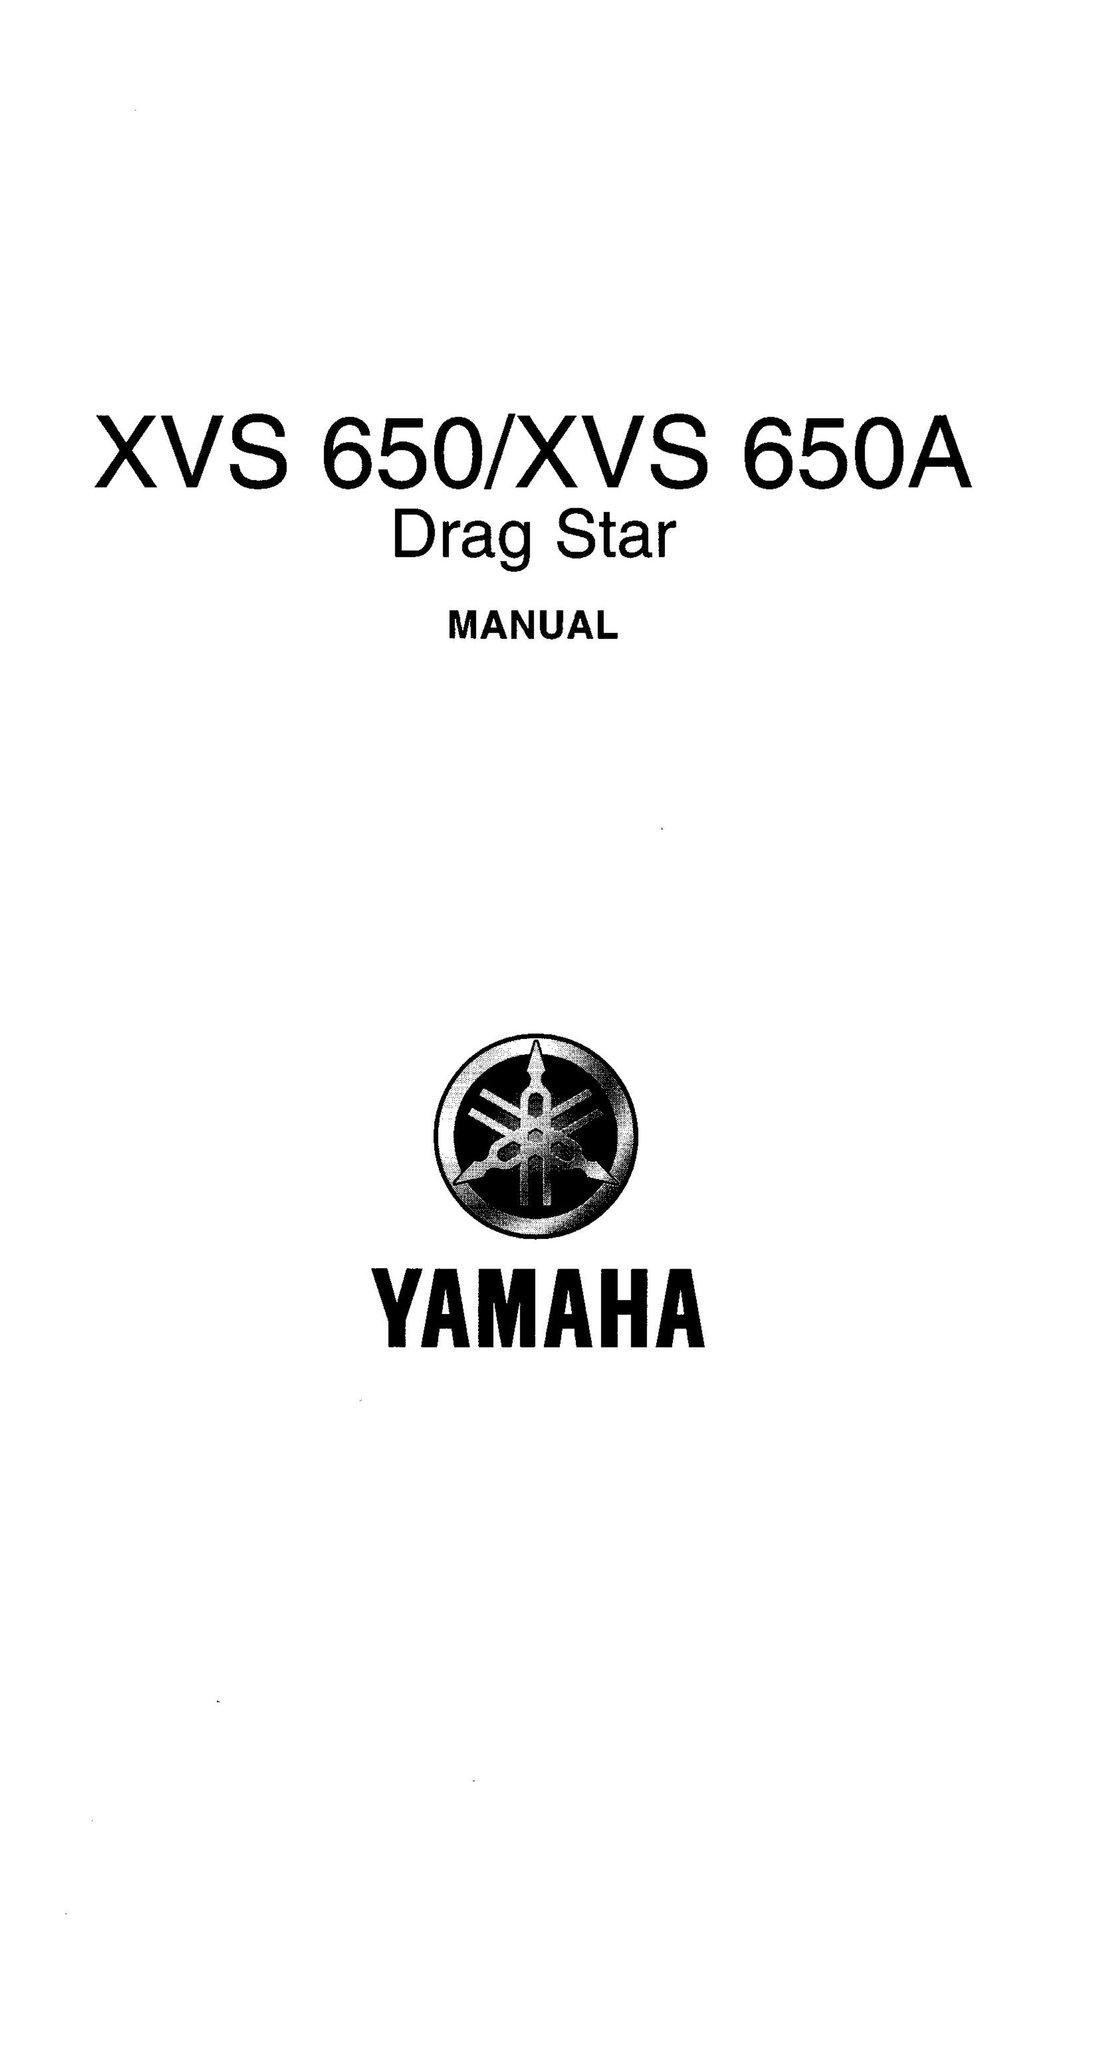 Manual Yamaha XVS 650/XVS 650A Drag Star (370135870) ᐈ Köp